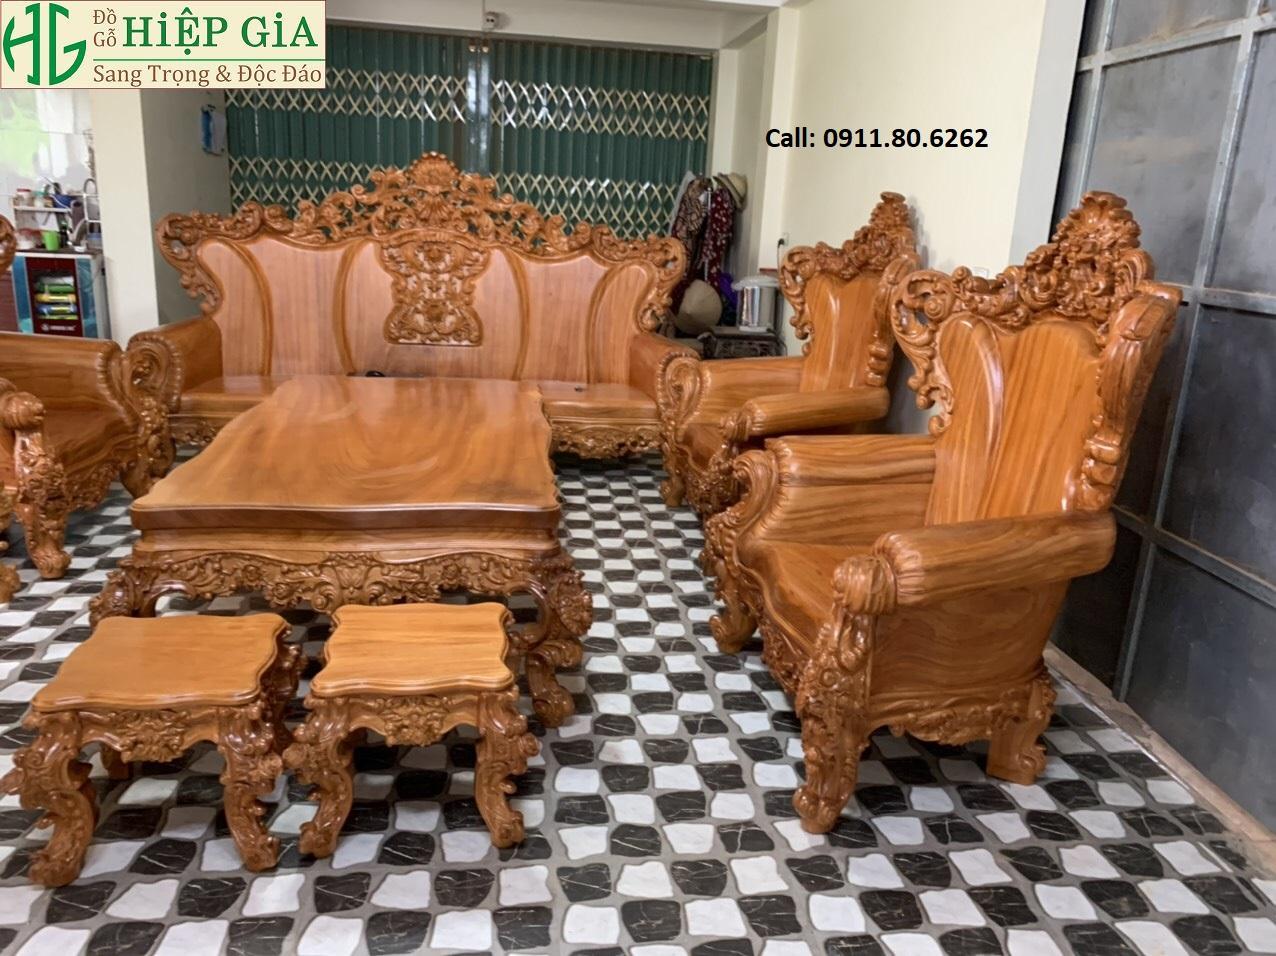 Sofa louis hoang gia 26 - Sofa Louis Hoàng Gia MS: 64